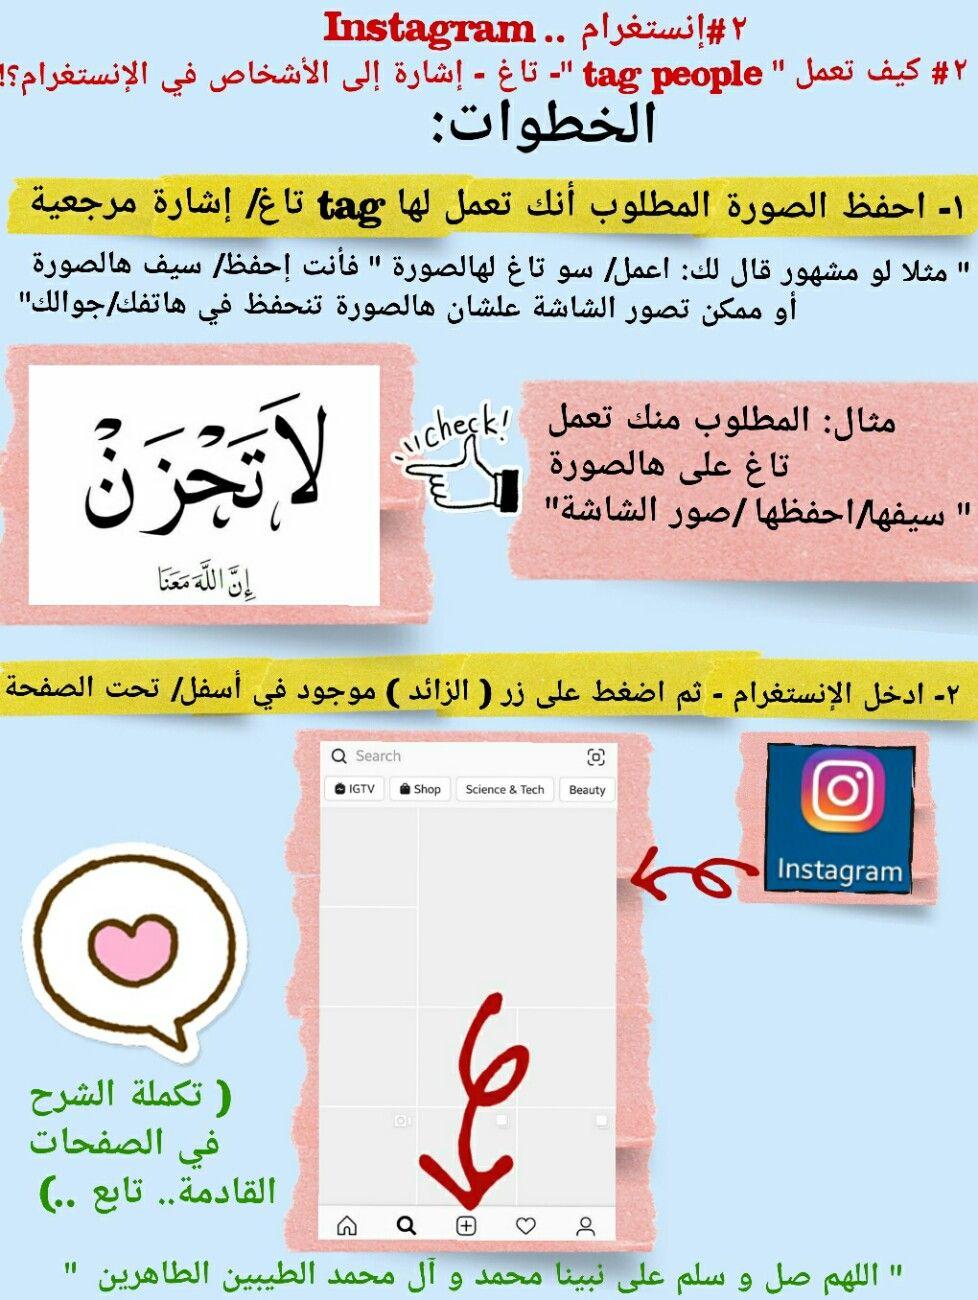 ٢ كيف شلون تعمل تسوي تاغ إشارة مرجعية Tag People Instagram إنستغرام Mintion منشن مسابقة إشتراك Airline Journal Bullet Journal